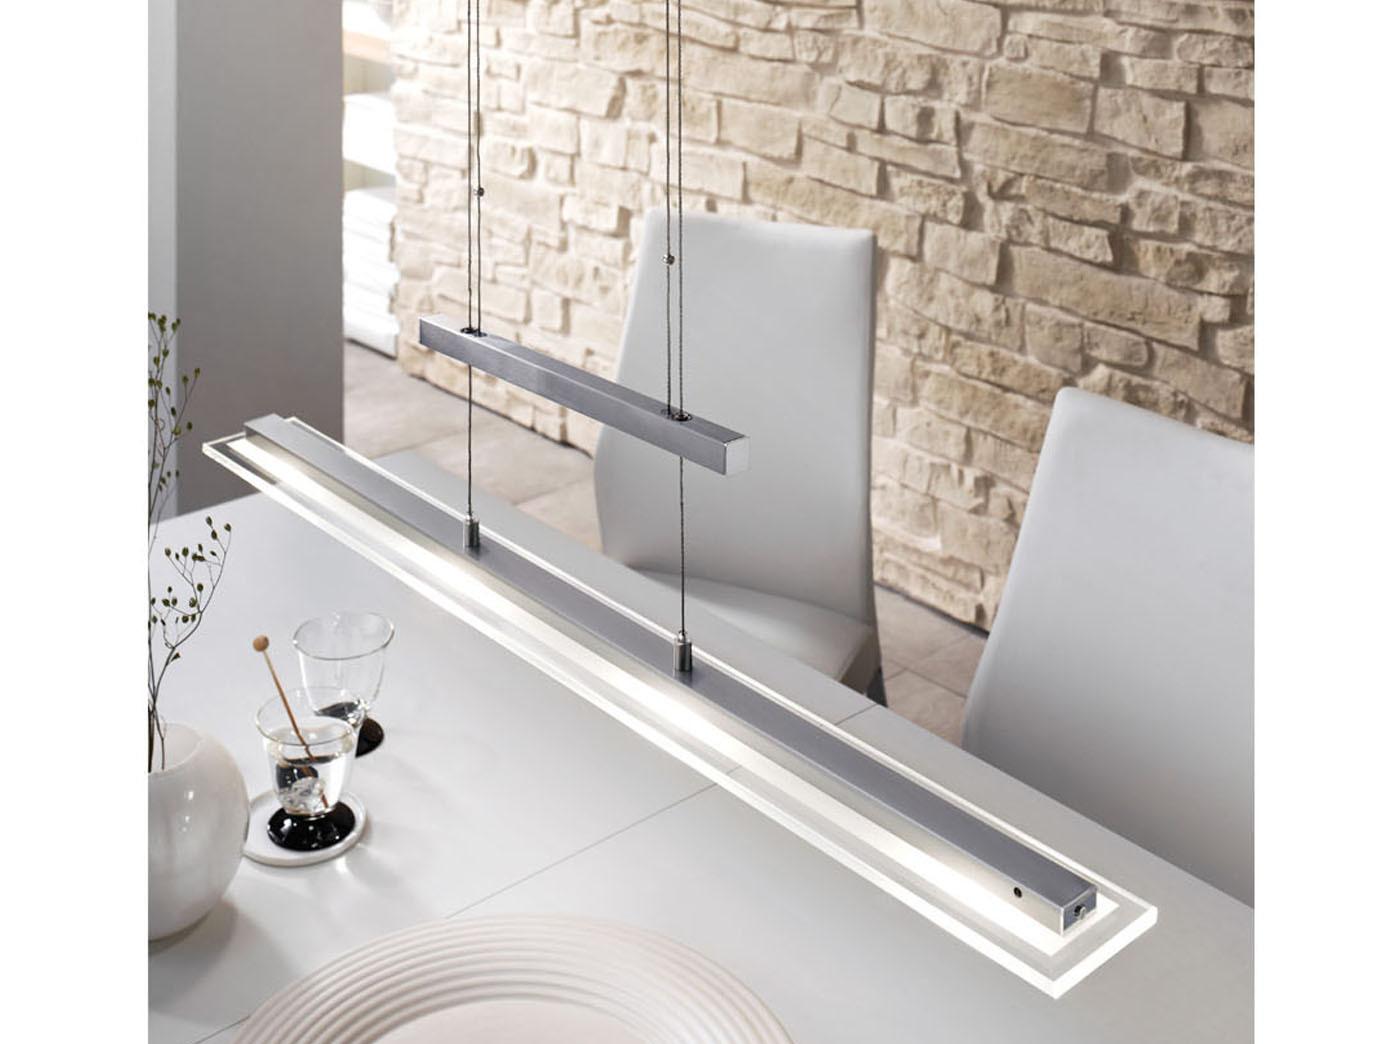 pendelleuchte h henverstellbar led h ngeleuchte dimmbar l nge 88cm esstischlampe eur 96 99. Black Bedroom Furniture Sets. Home Design Ideas